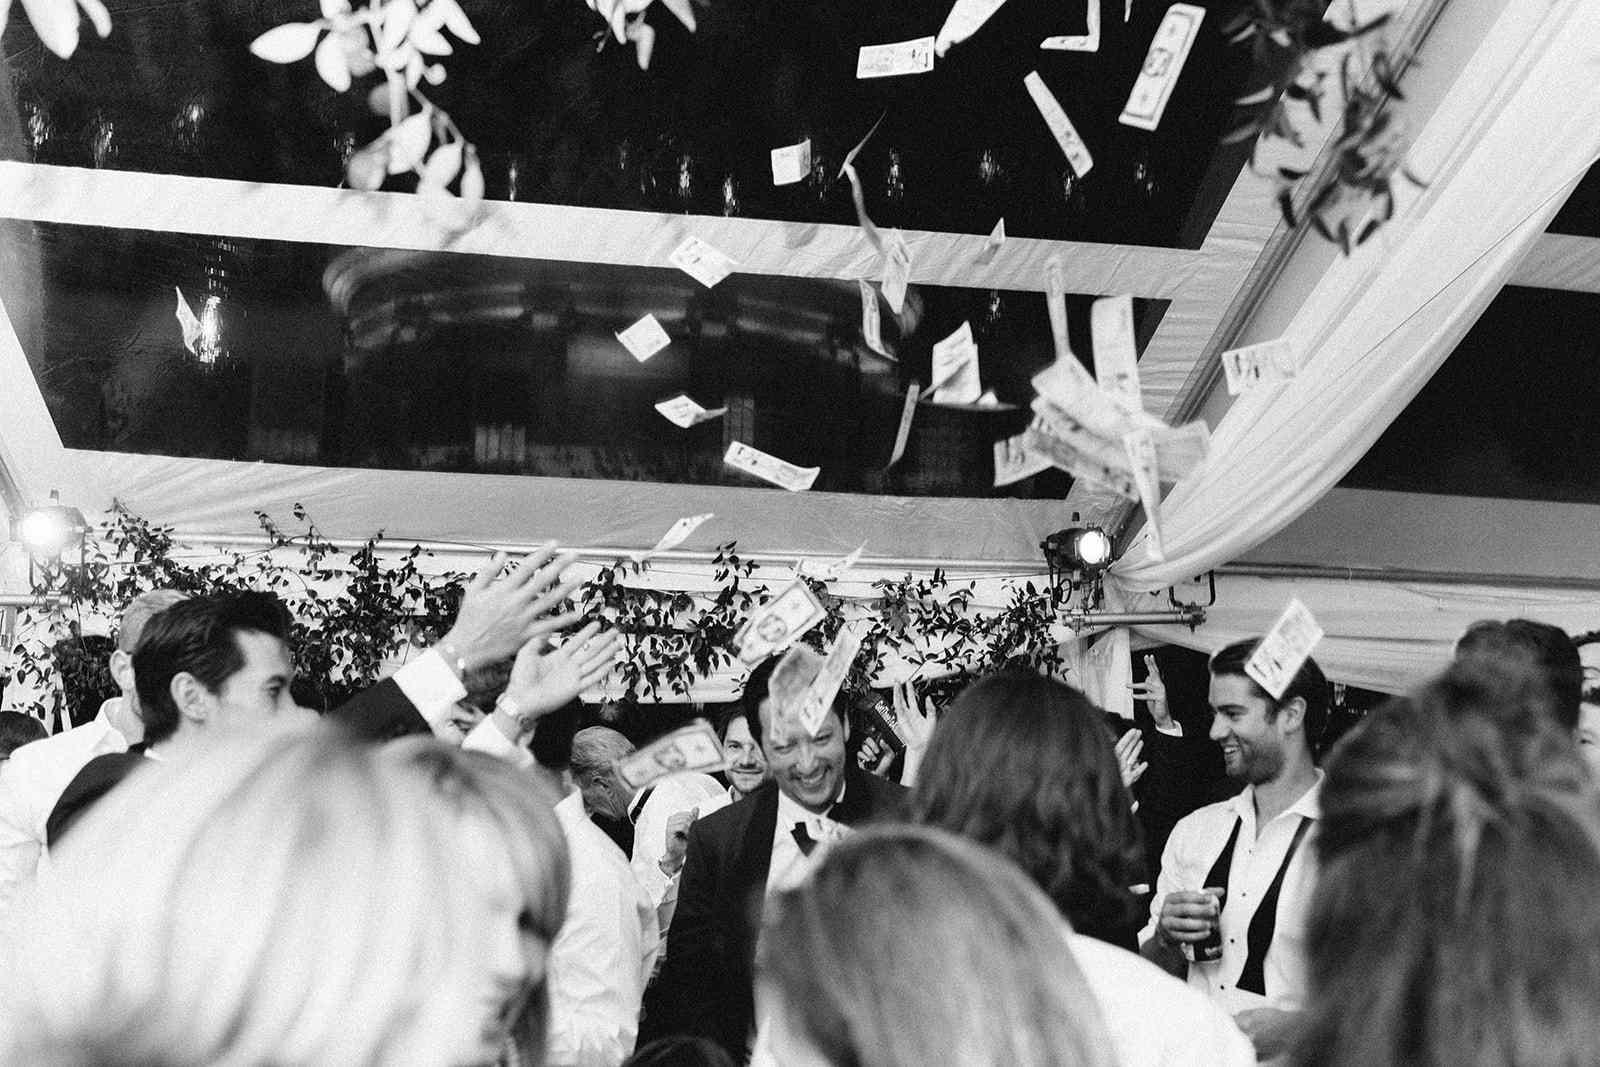 Money flying in the air over dance floor